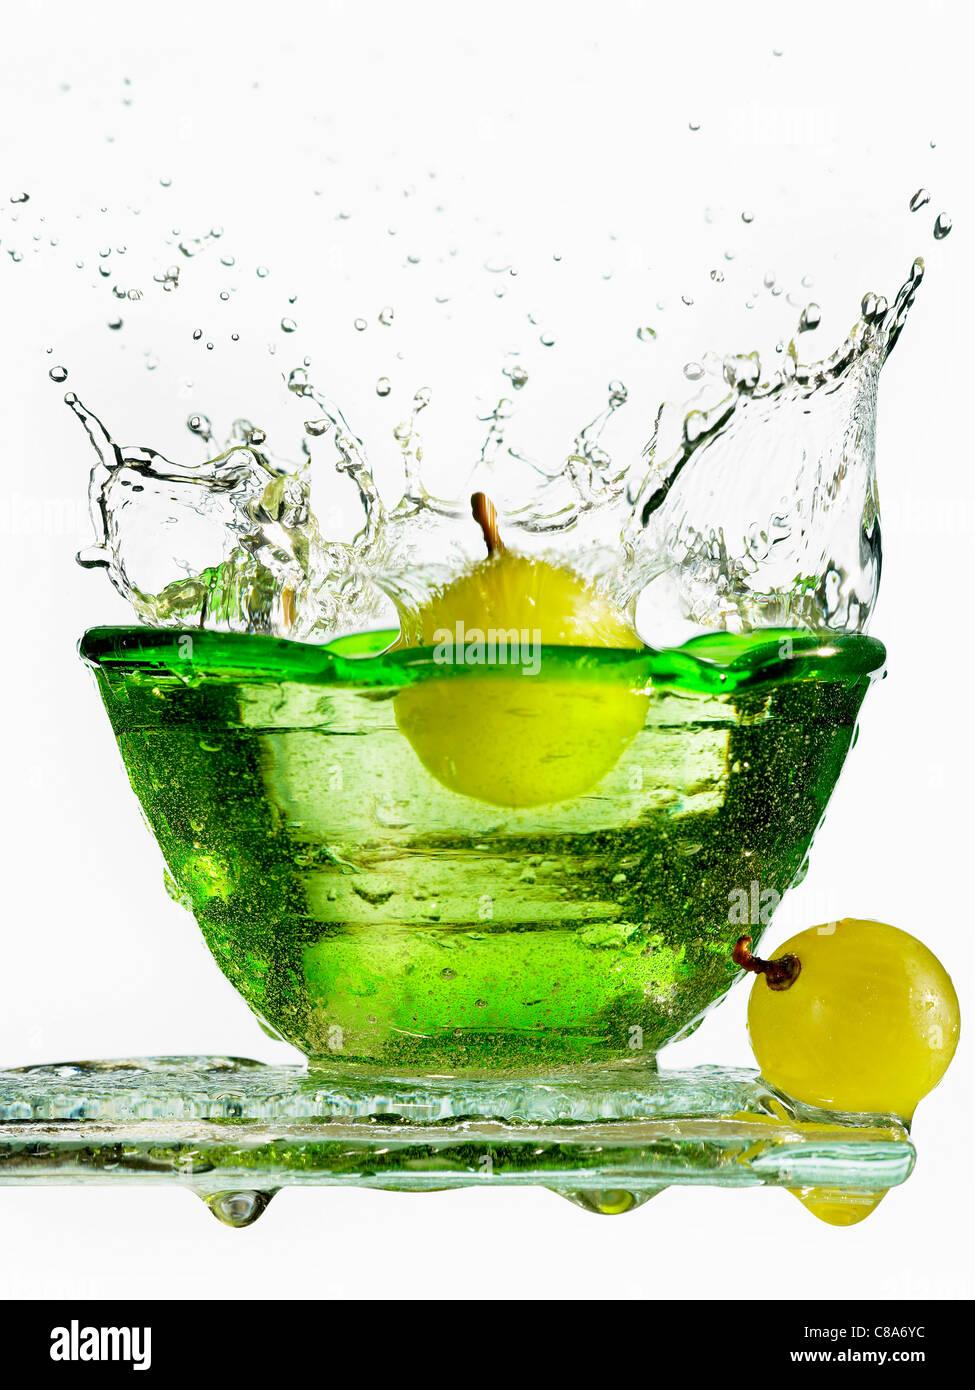 Un raisin de tomber dans un bol d'eau fraîche Photo Stock